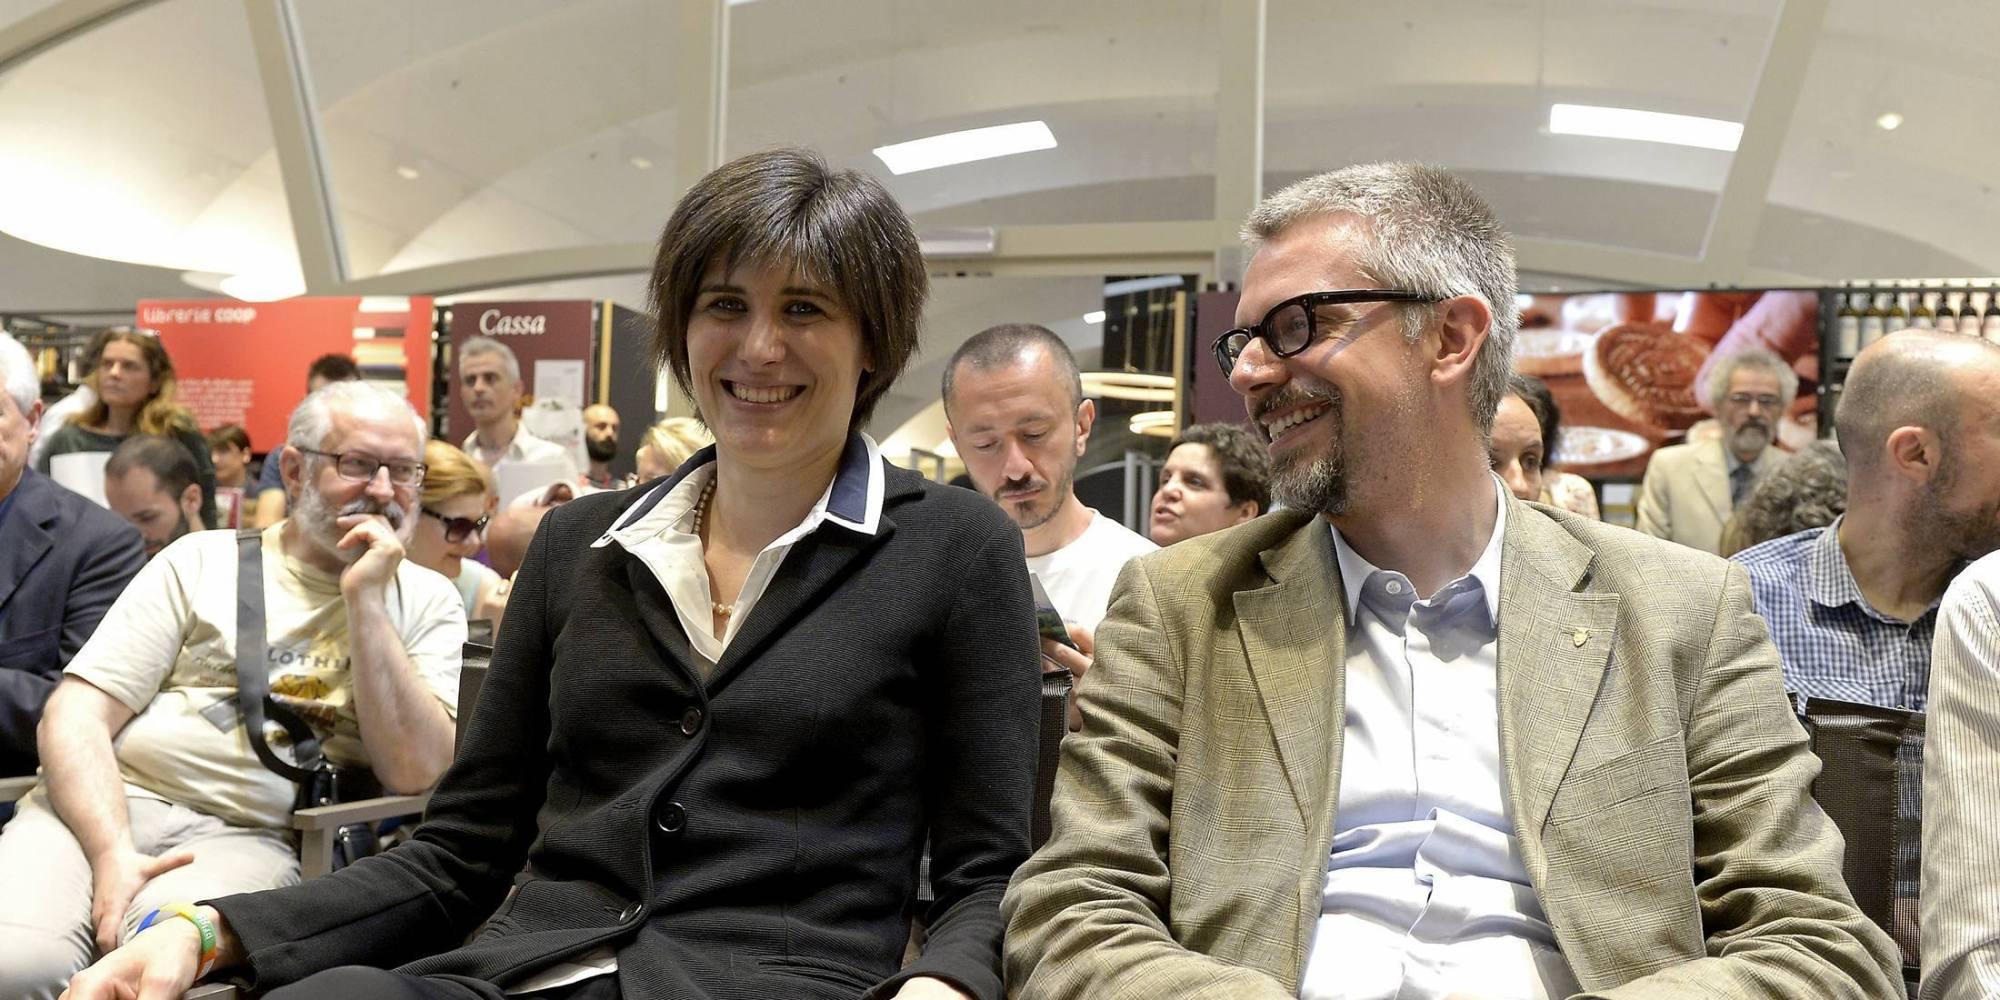 Il sindaco di Torino Chiara Appendino con il suo braccio destro Paolo Giordana